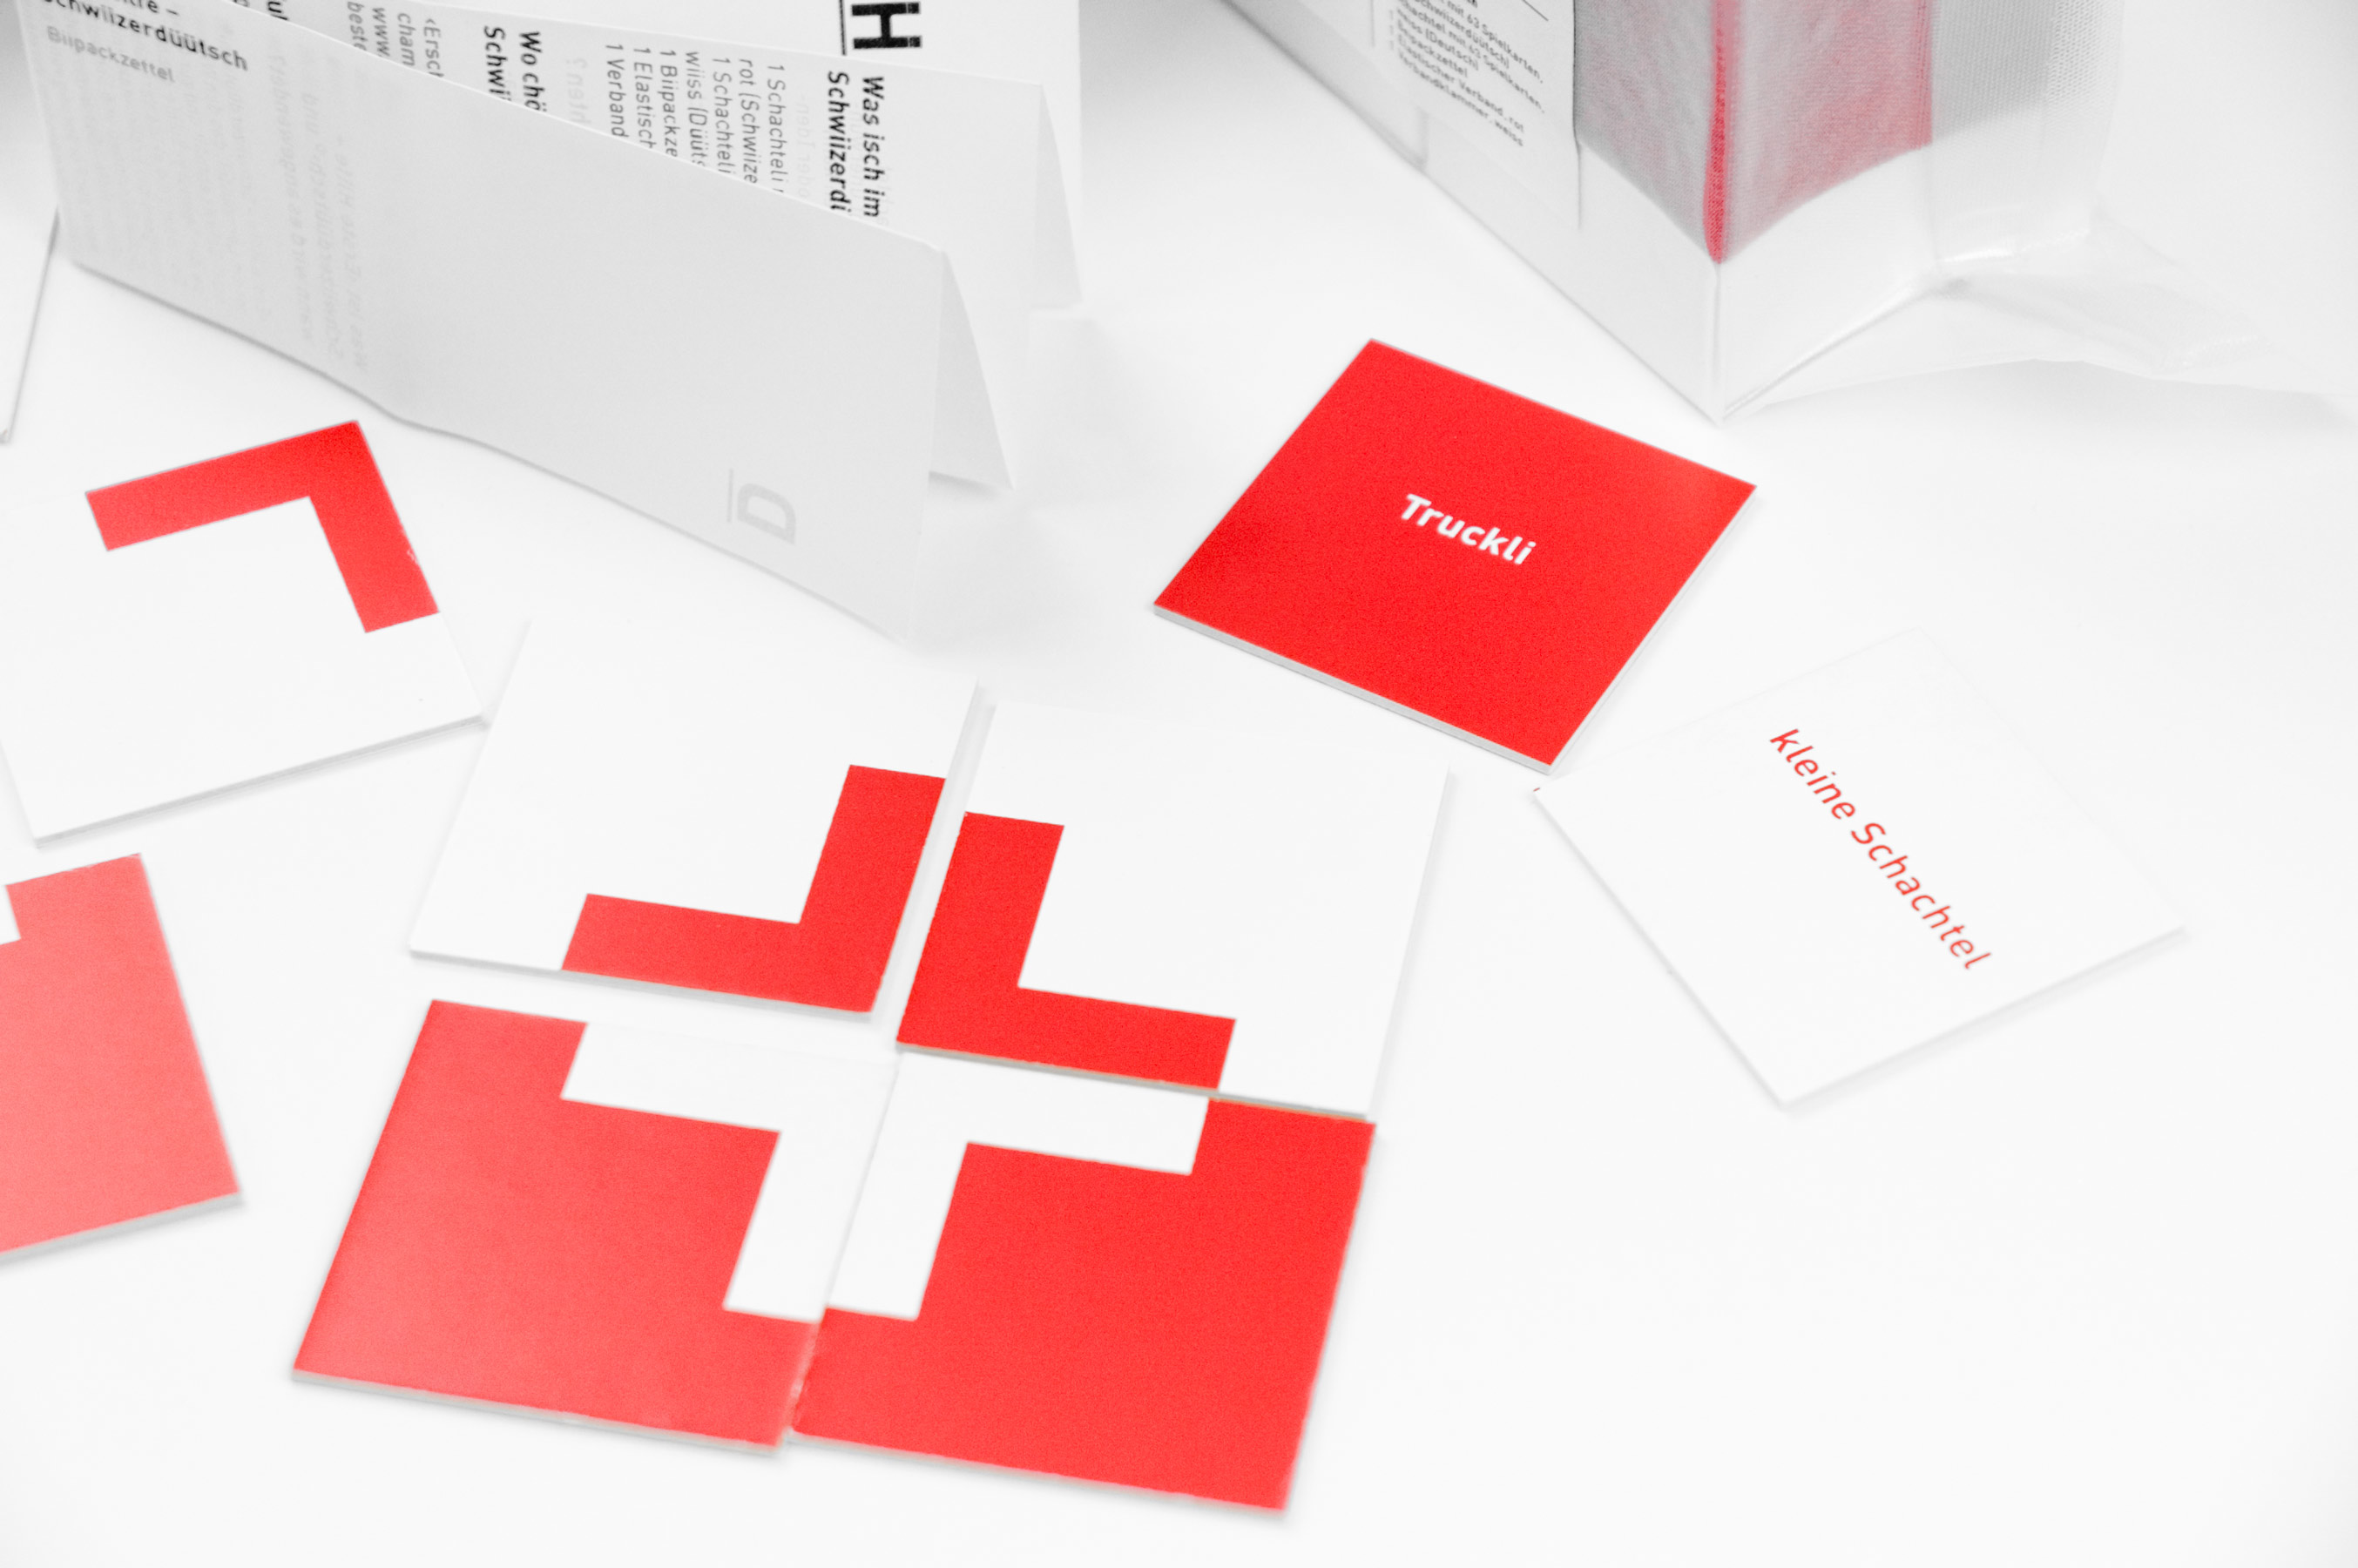 Edition Typoundso Erste Hilfe Schweizerdeutsch